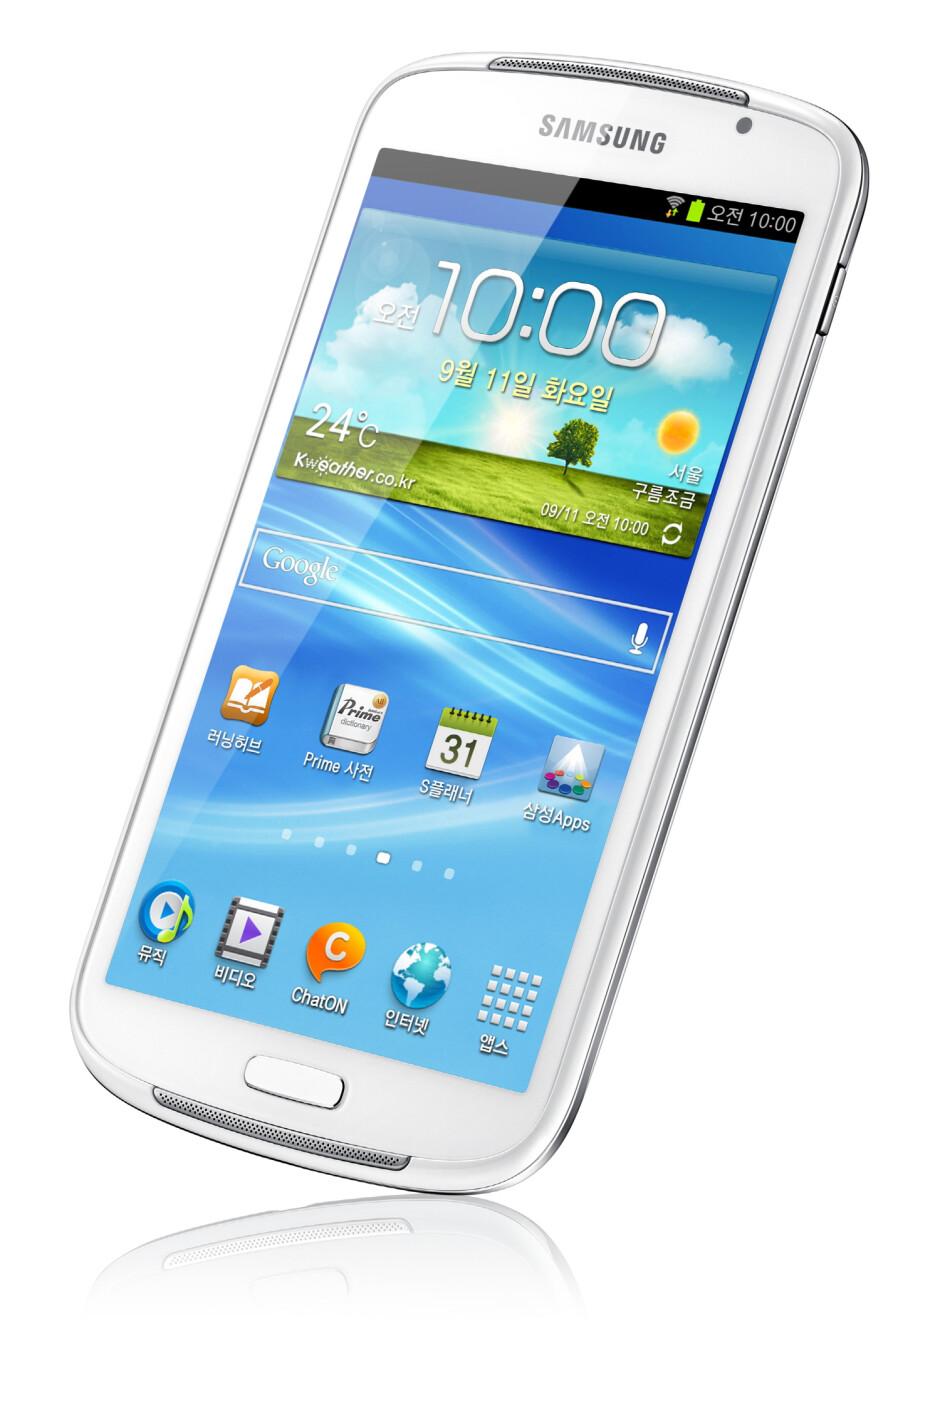 Samsung Galaxy Player 5.8 - Samsung Galaxy Player 5.8 is now official – jumbo-sized Galaxy S III look-alike